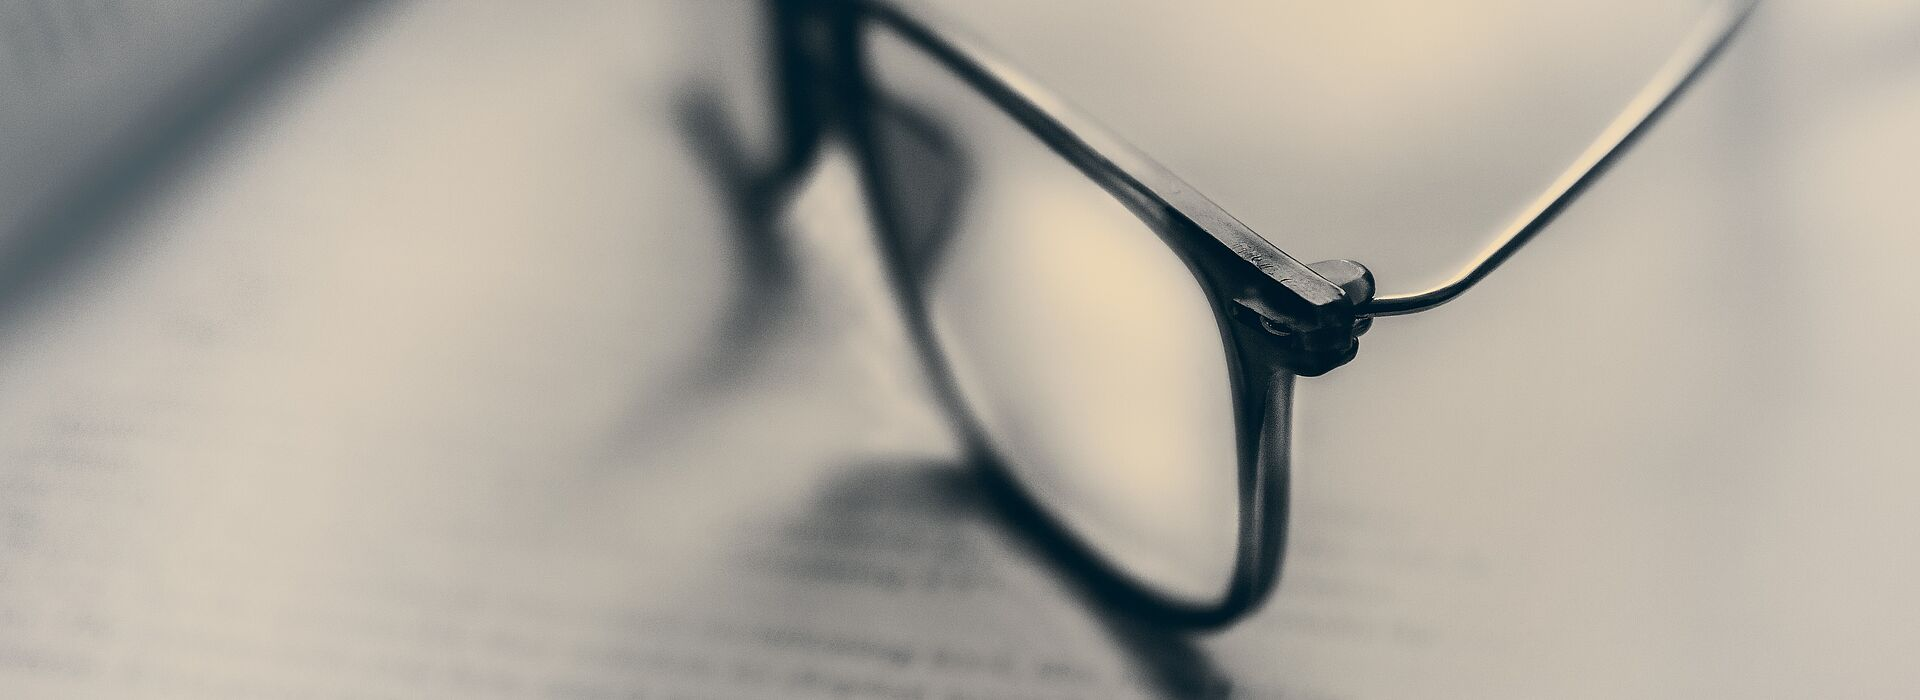 óculos sobre páginas de livro